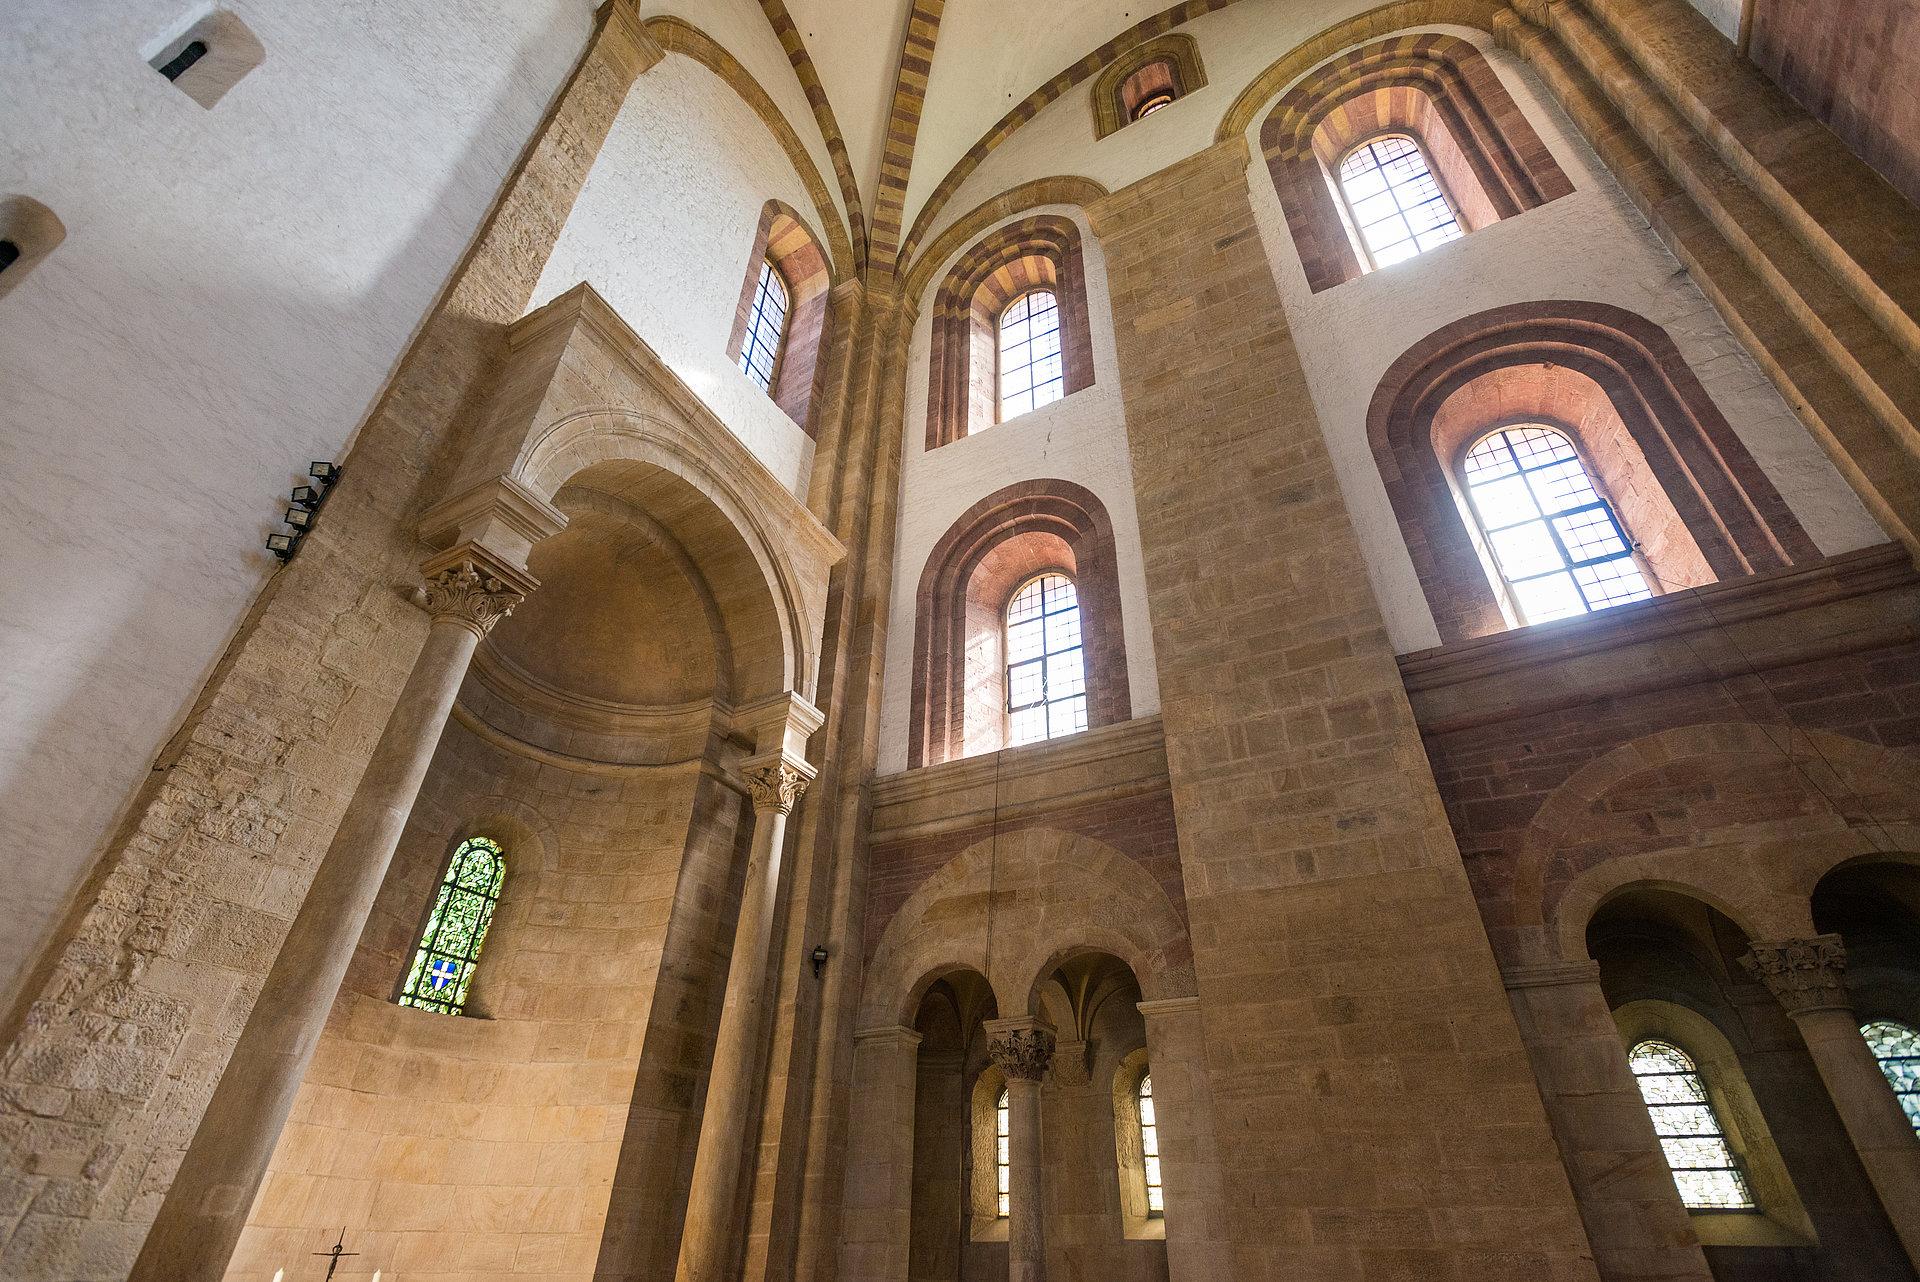 Interieur van de kathedraal van Speyer, Palts